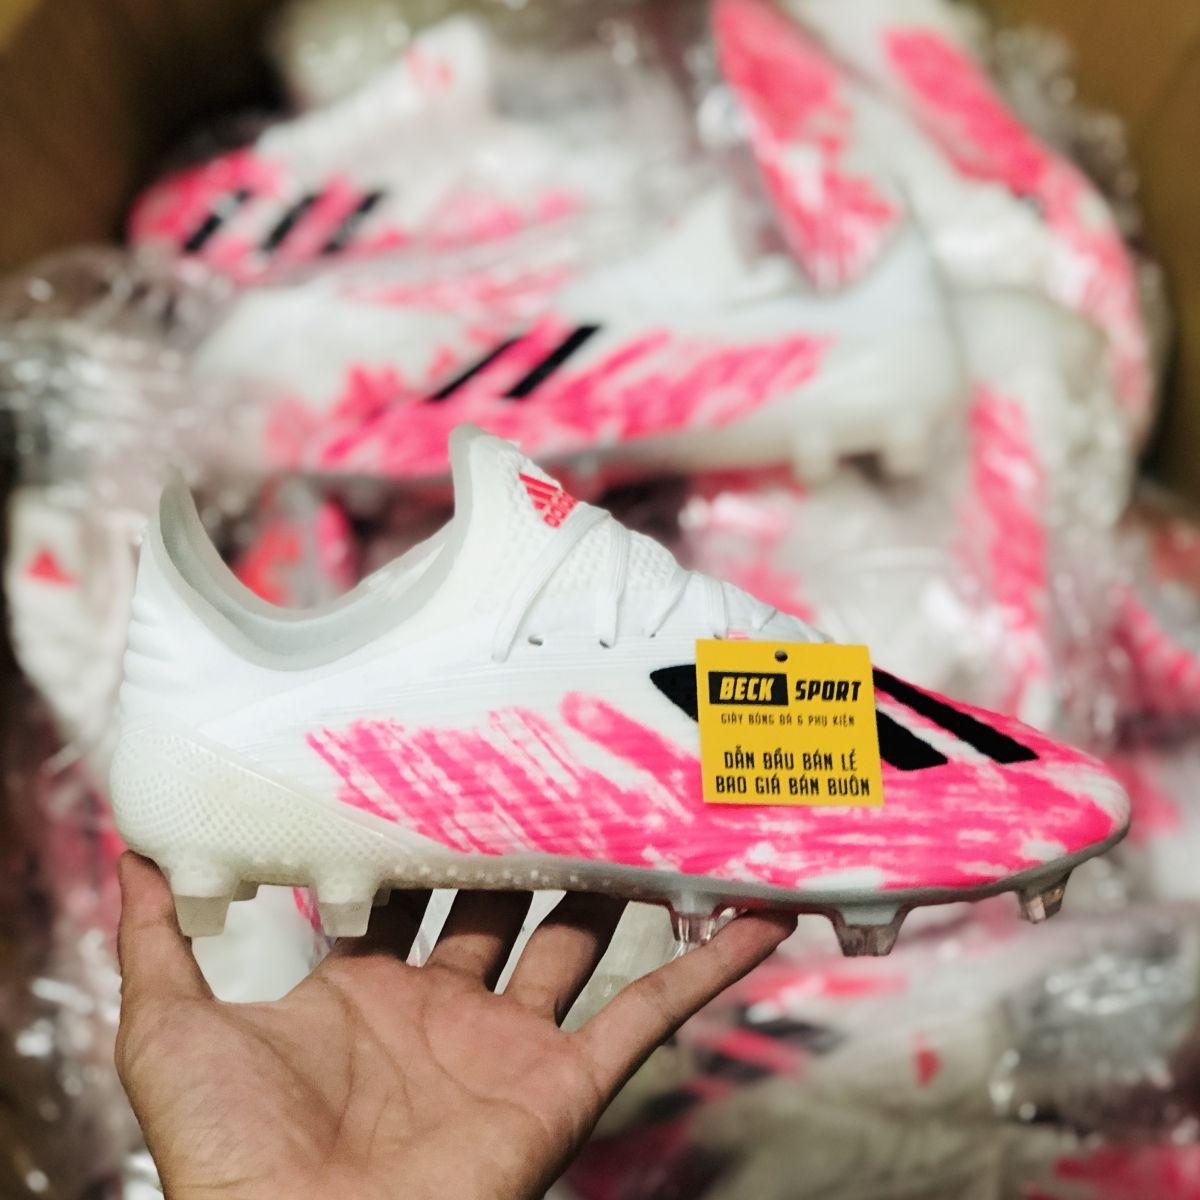 Giày Bóng Đá Adidas X 19.1 Trắng Hồng Vạch Đen FG